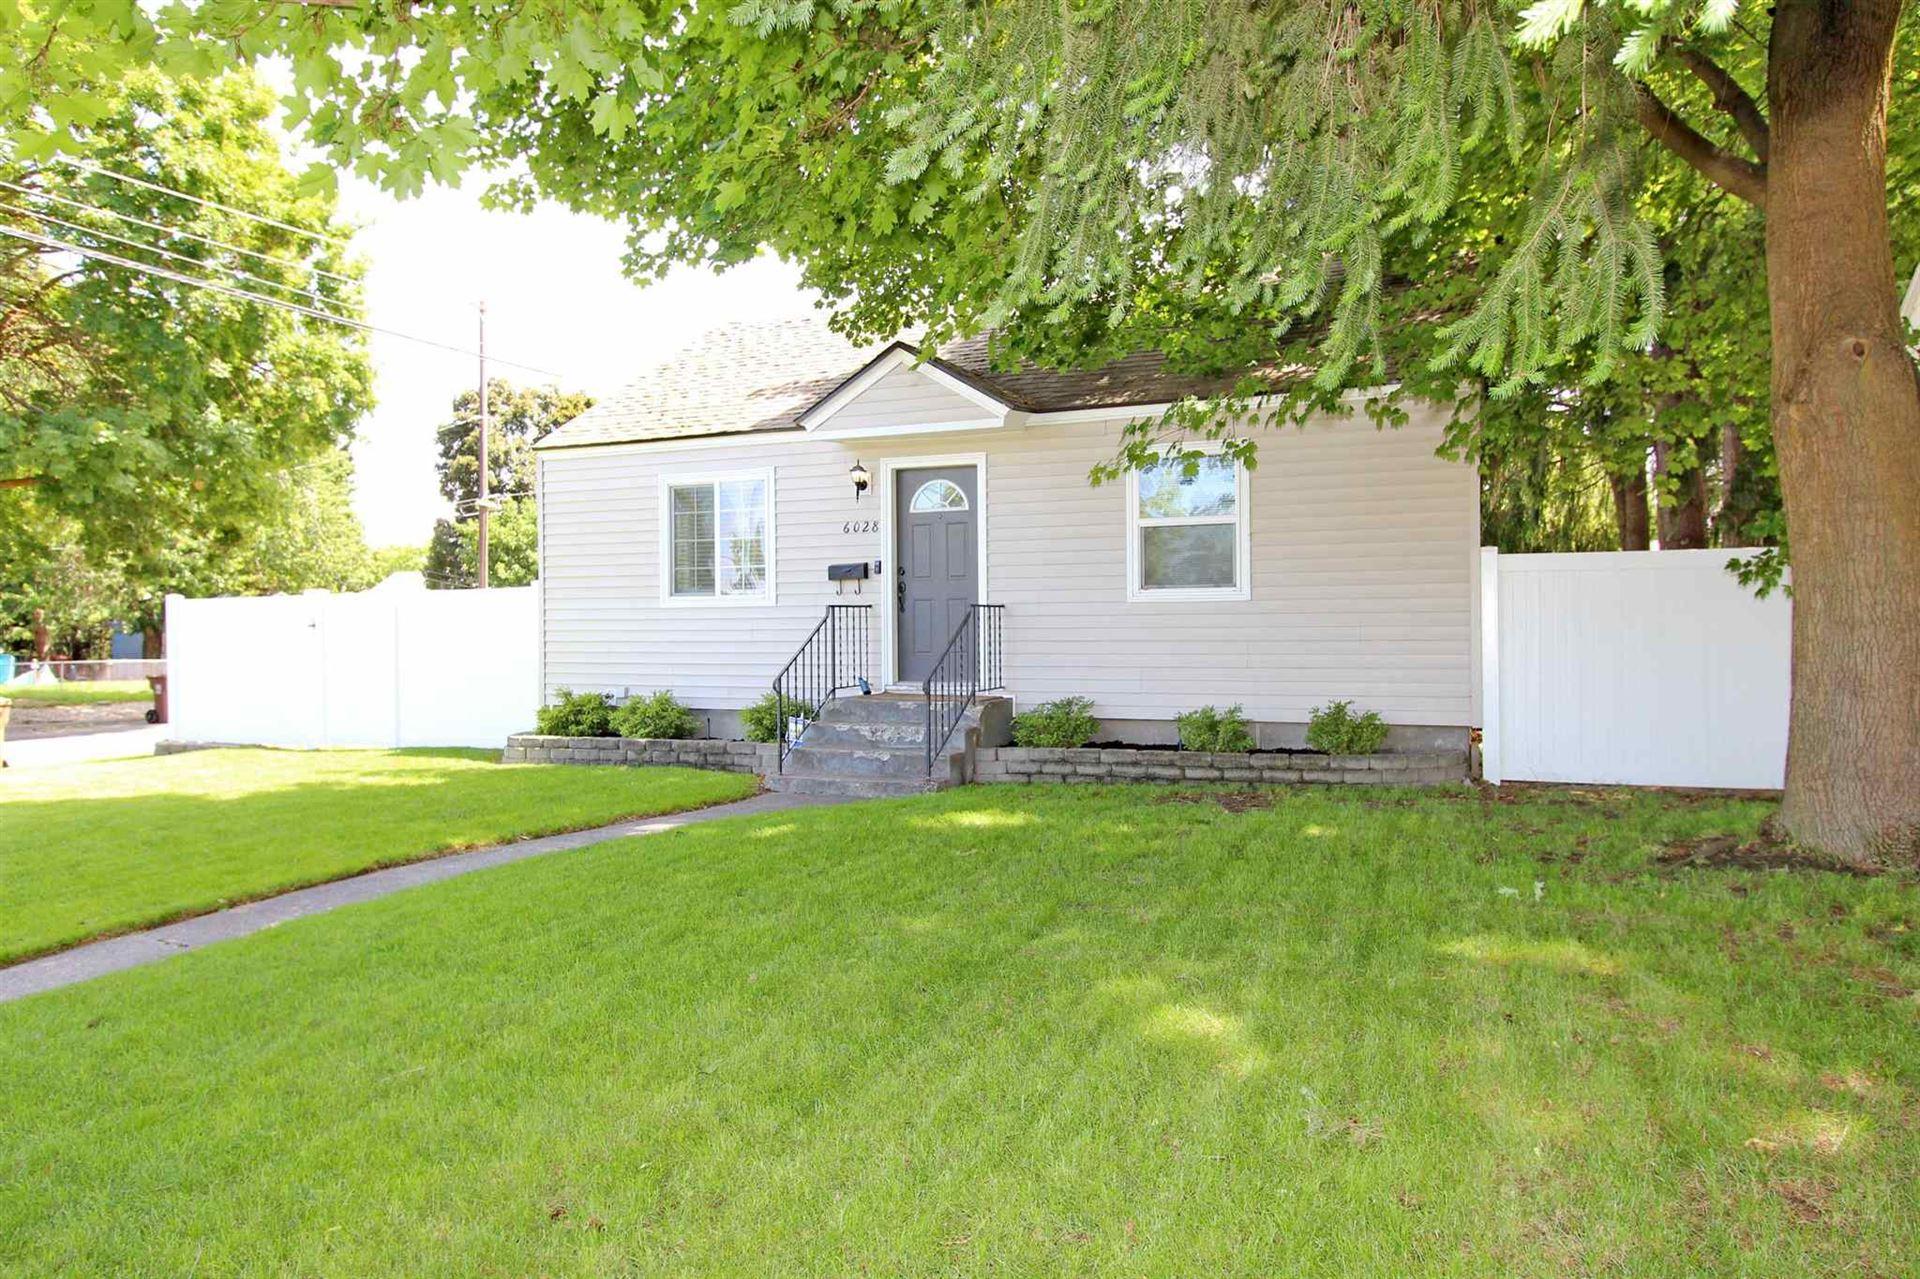 6028 N Post St, Spokane, WA 99205-6565 - #: 202116913